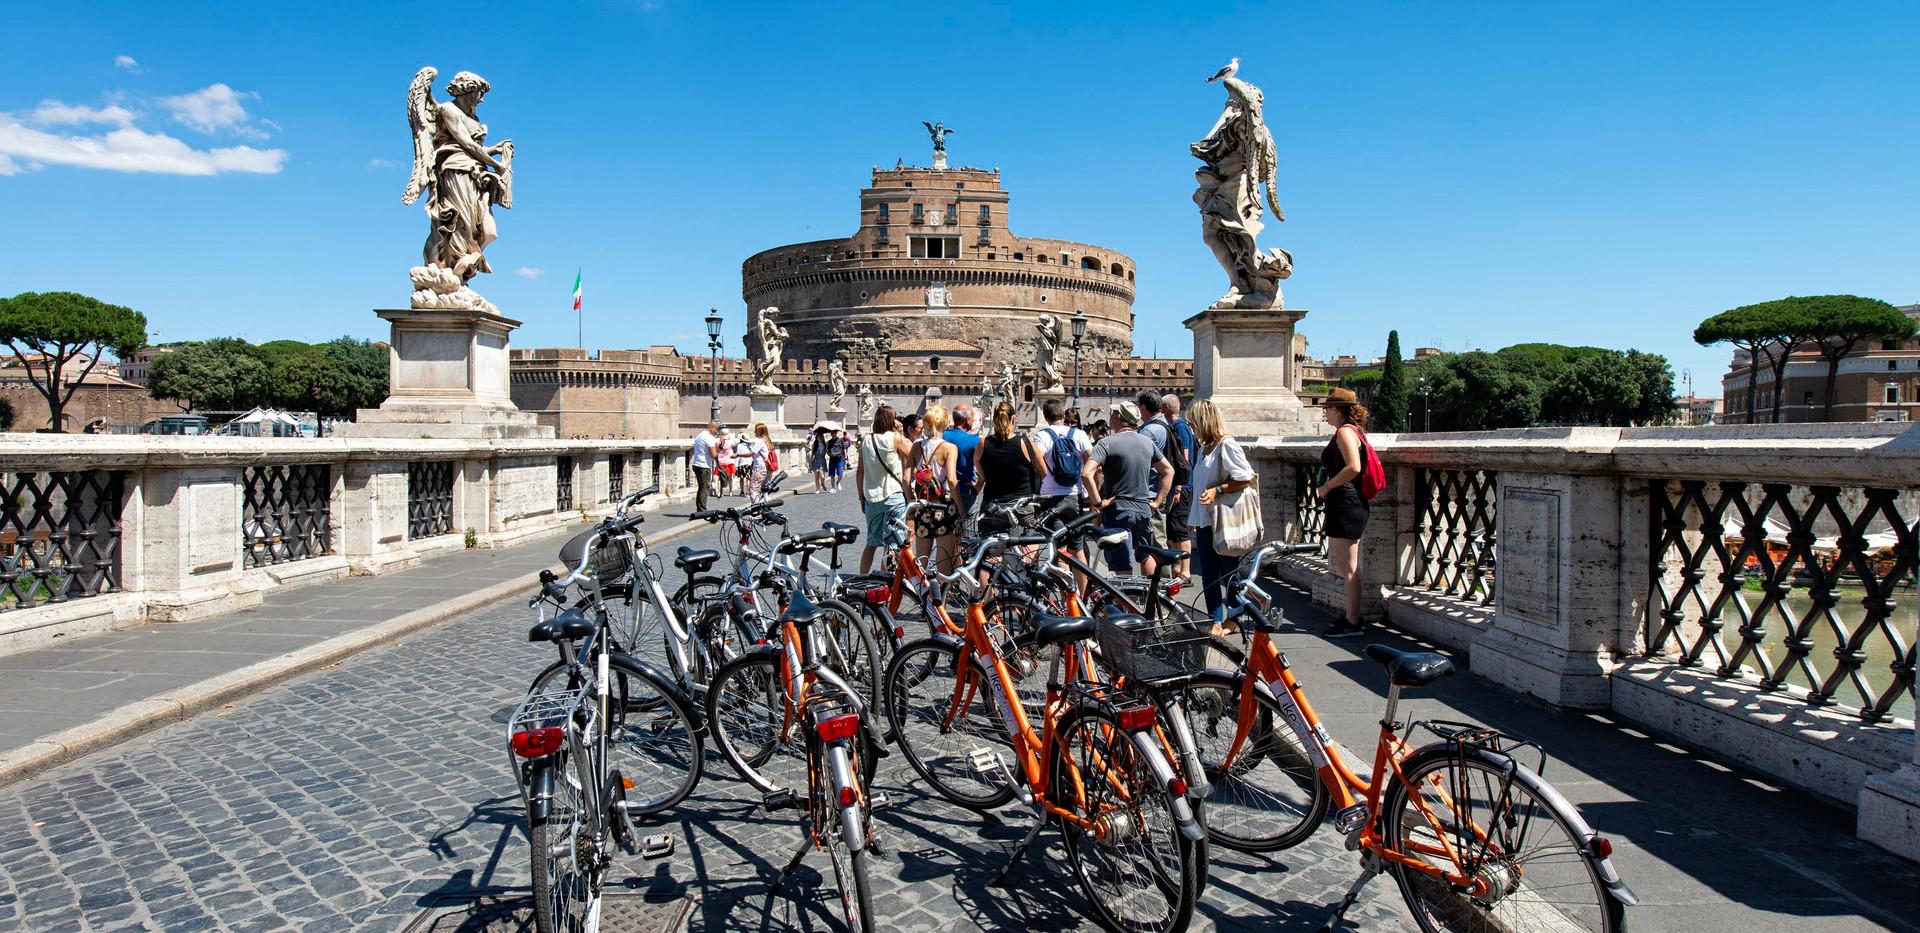 Geführte Fahrradtour Rom | Geführte Radtour Rom | Geführte E-Bike Tour Rom